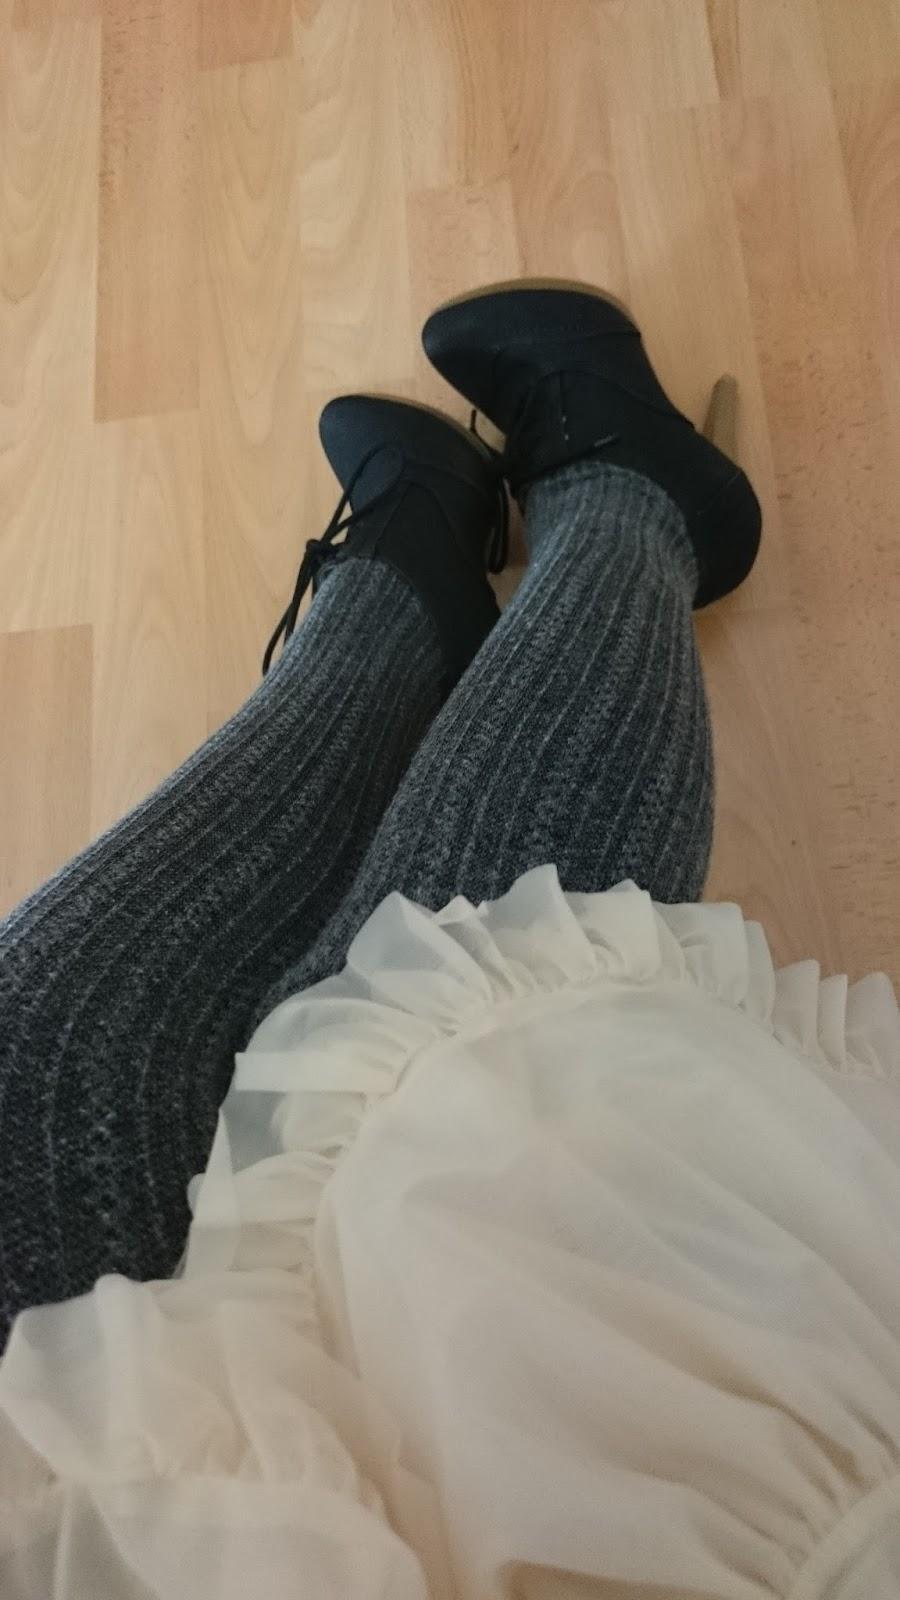 Petticoat, Strumpfhose und Hochfront Pumps